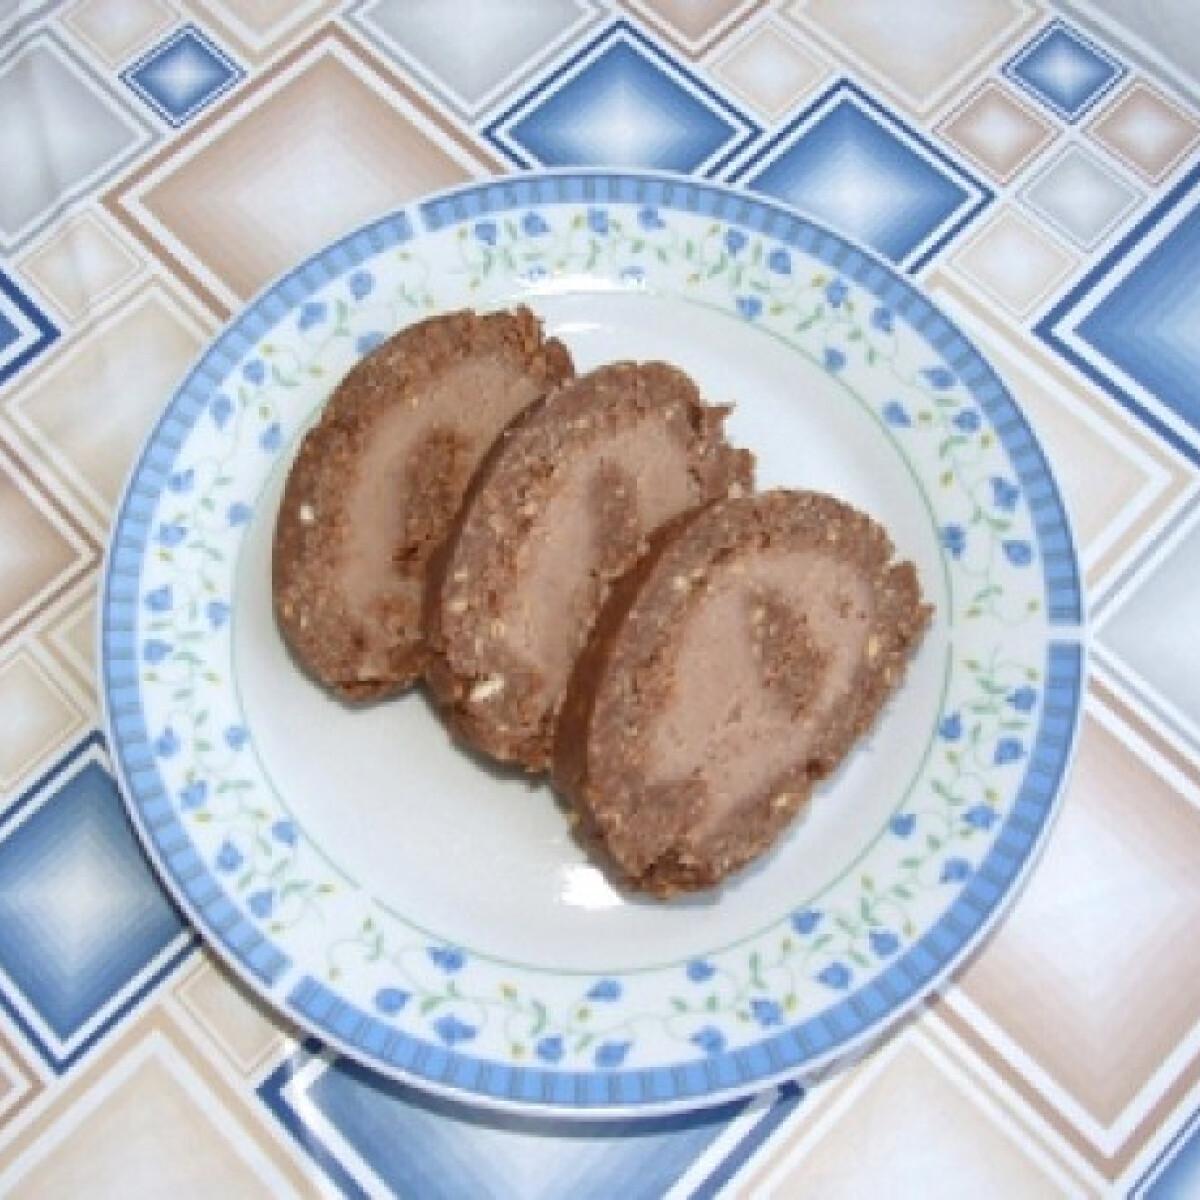 Gesztenyés keksztekercs Kif Lee konyhájából